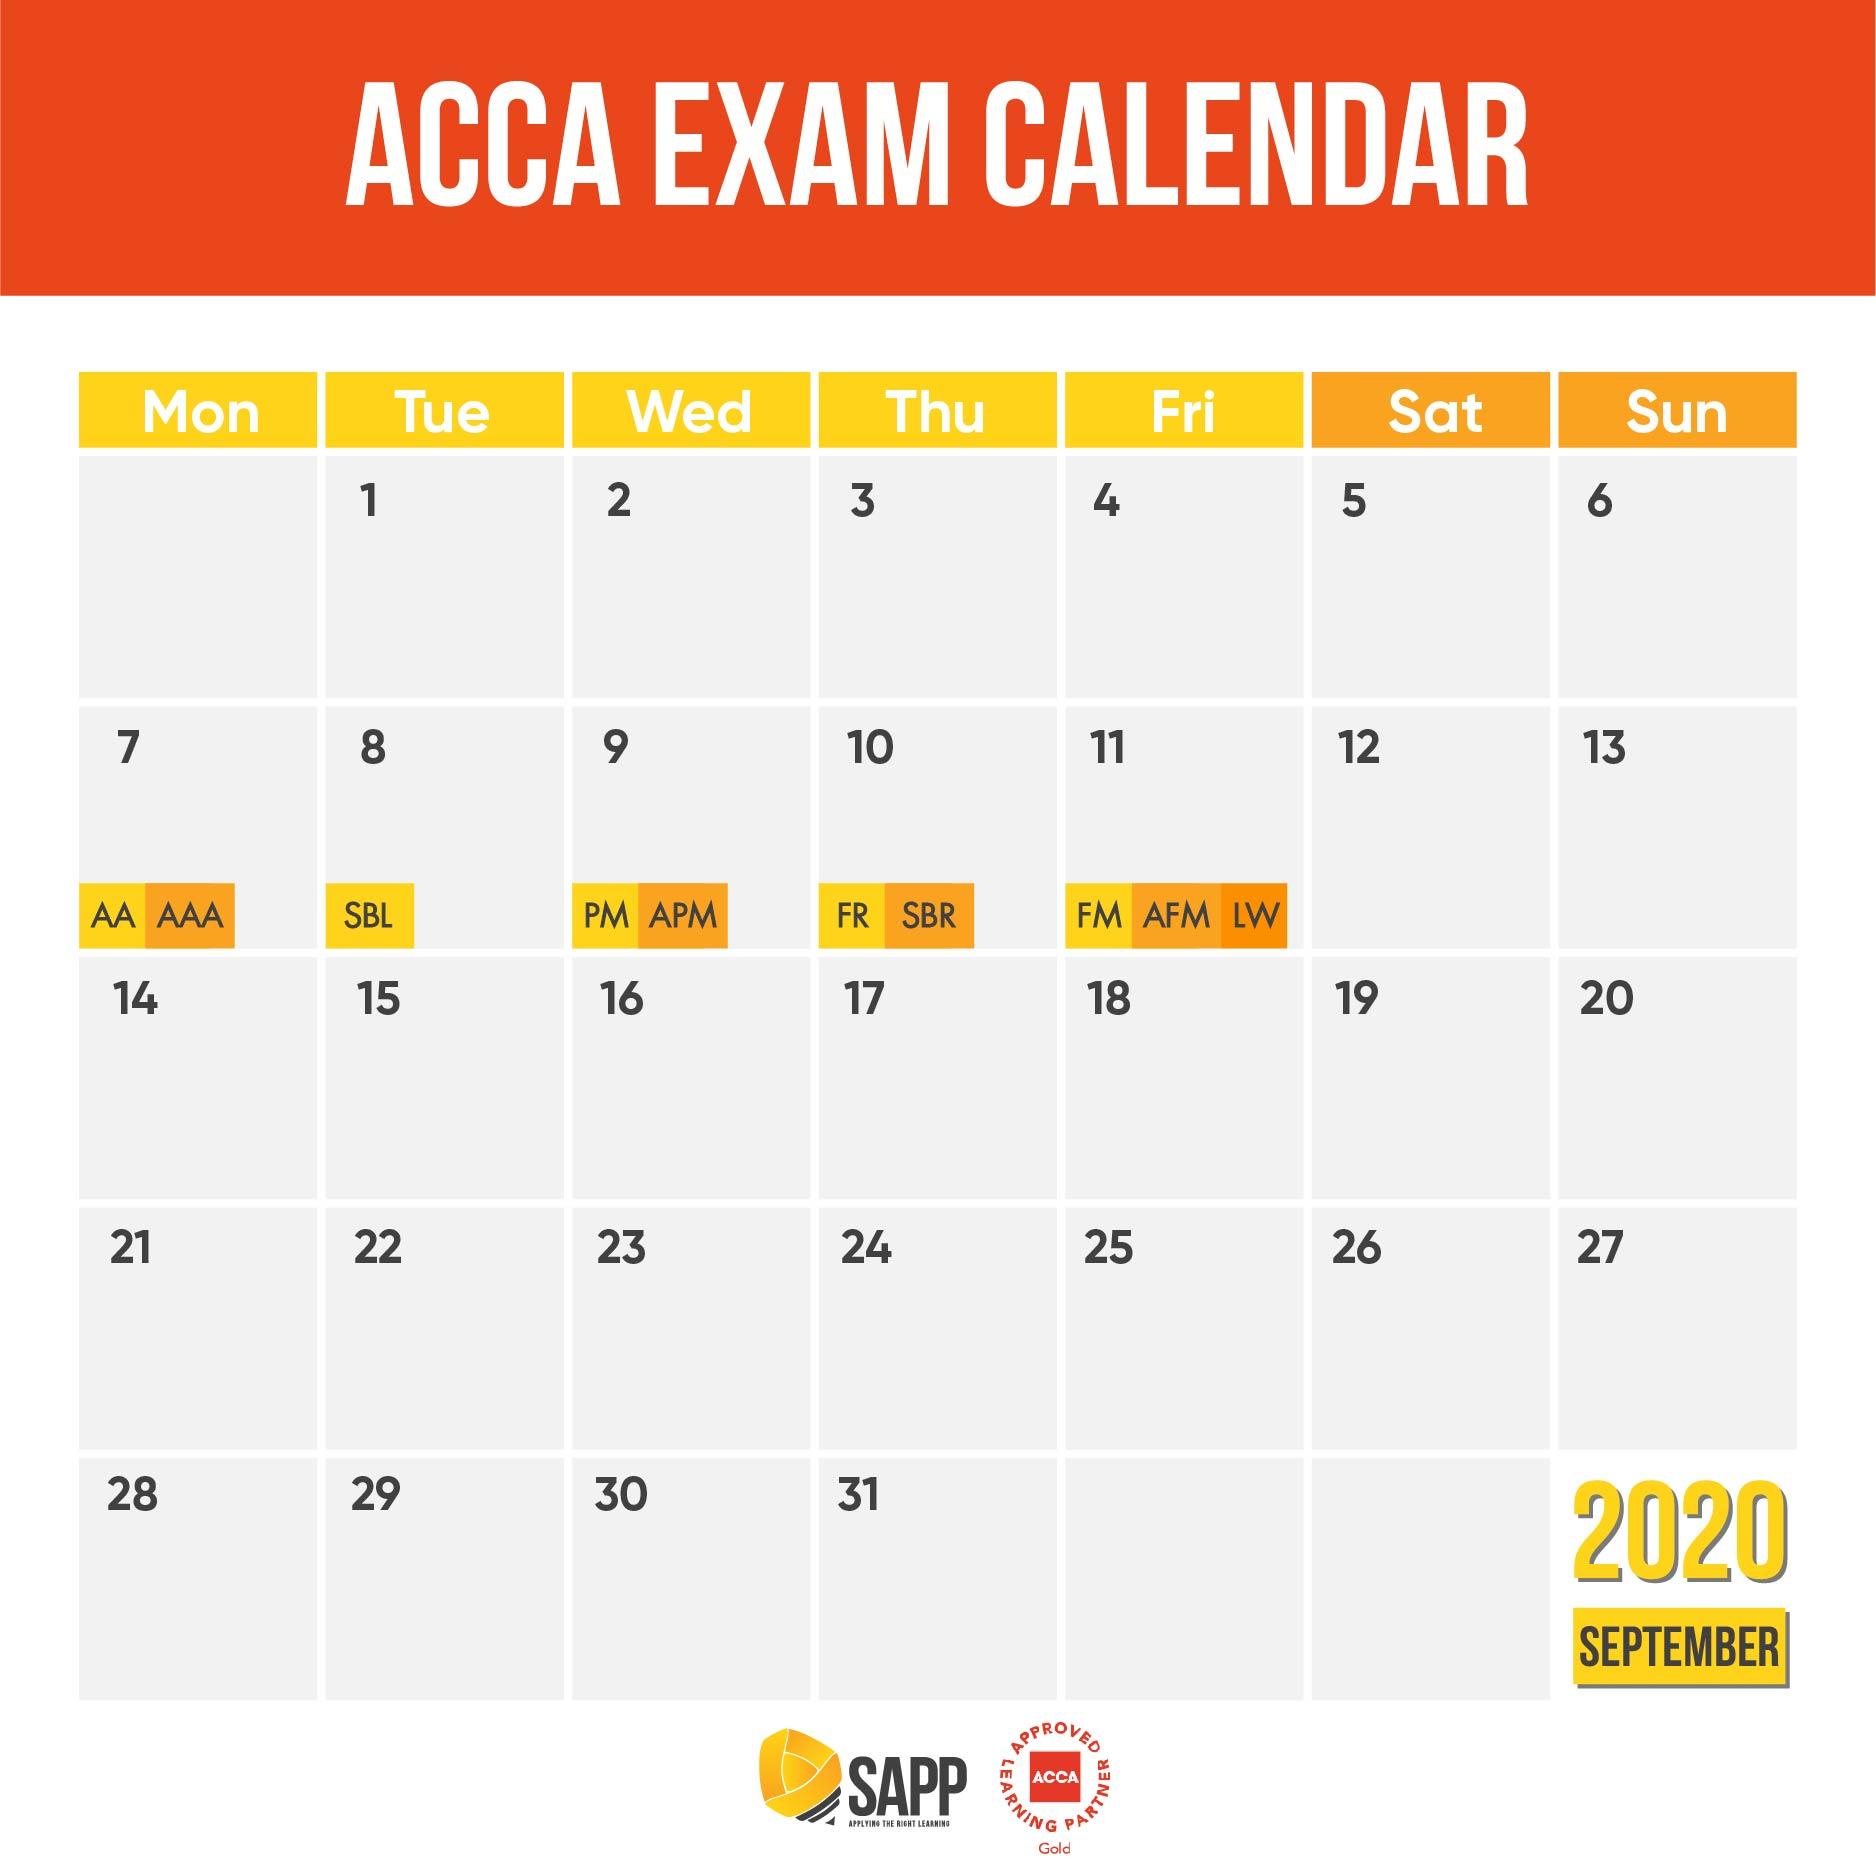 Lịch thi ACCA tháng 9 năm 2020